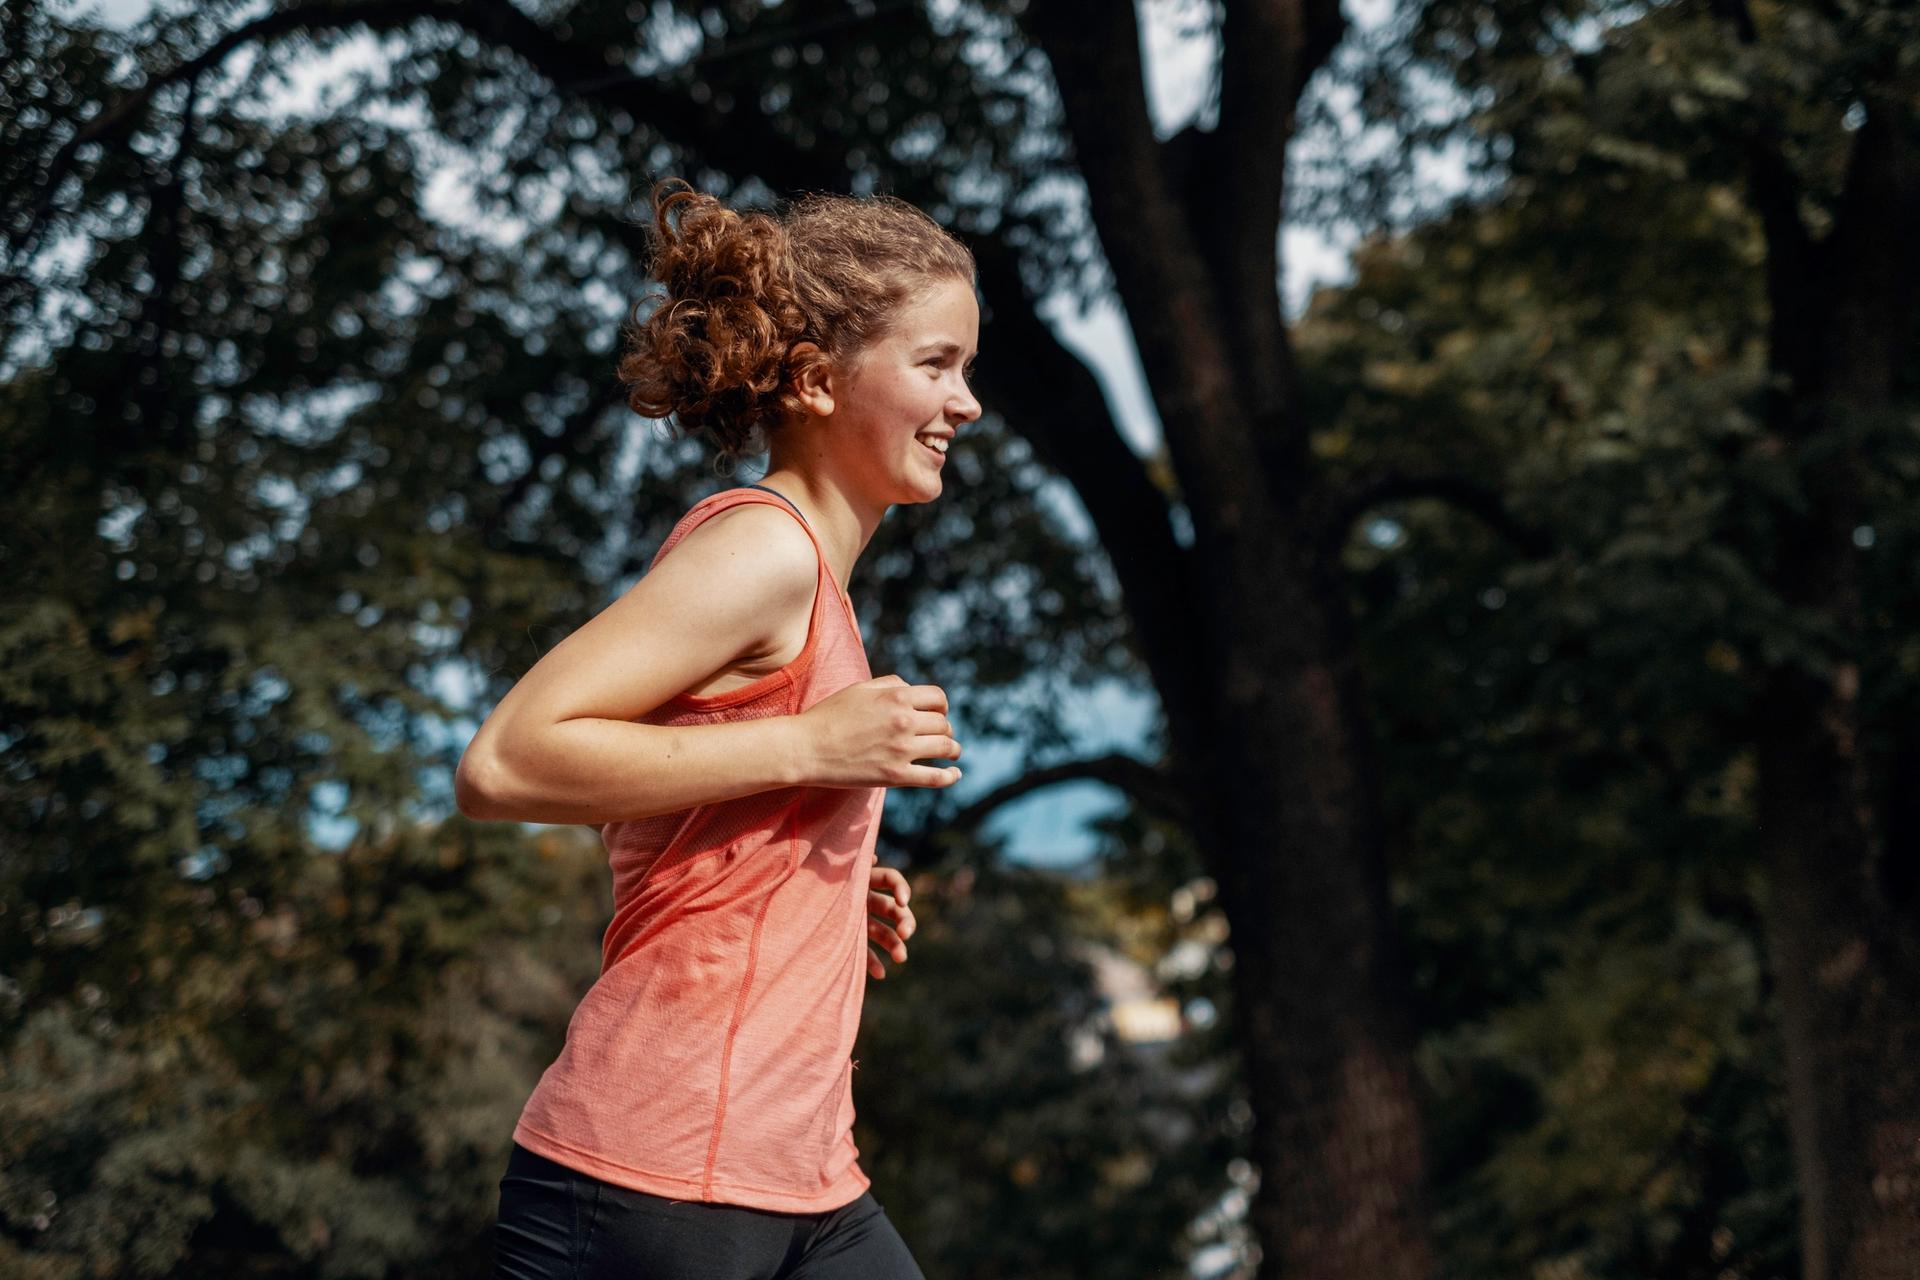 Jente løper